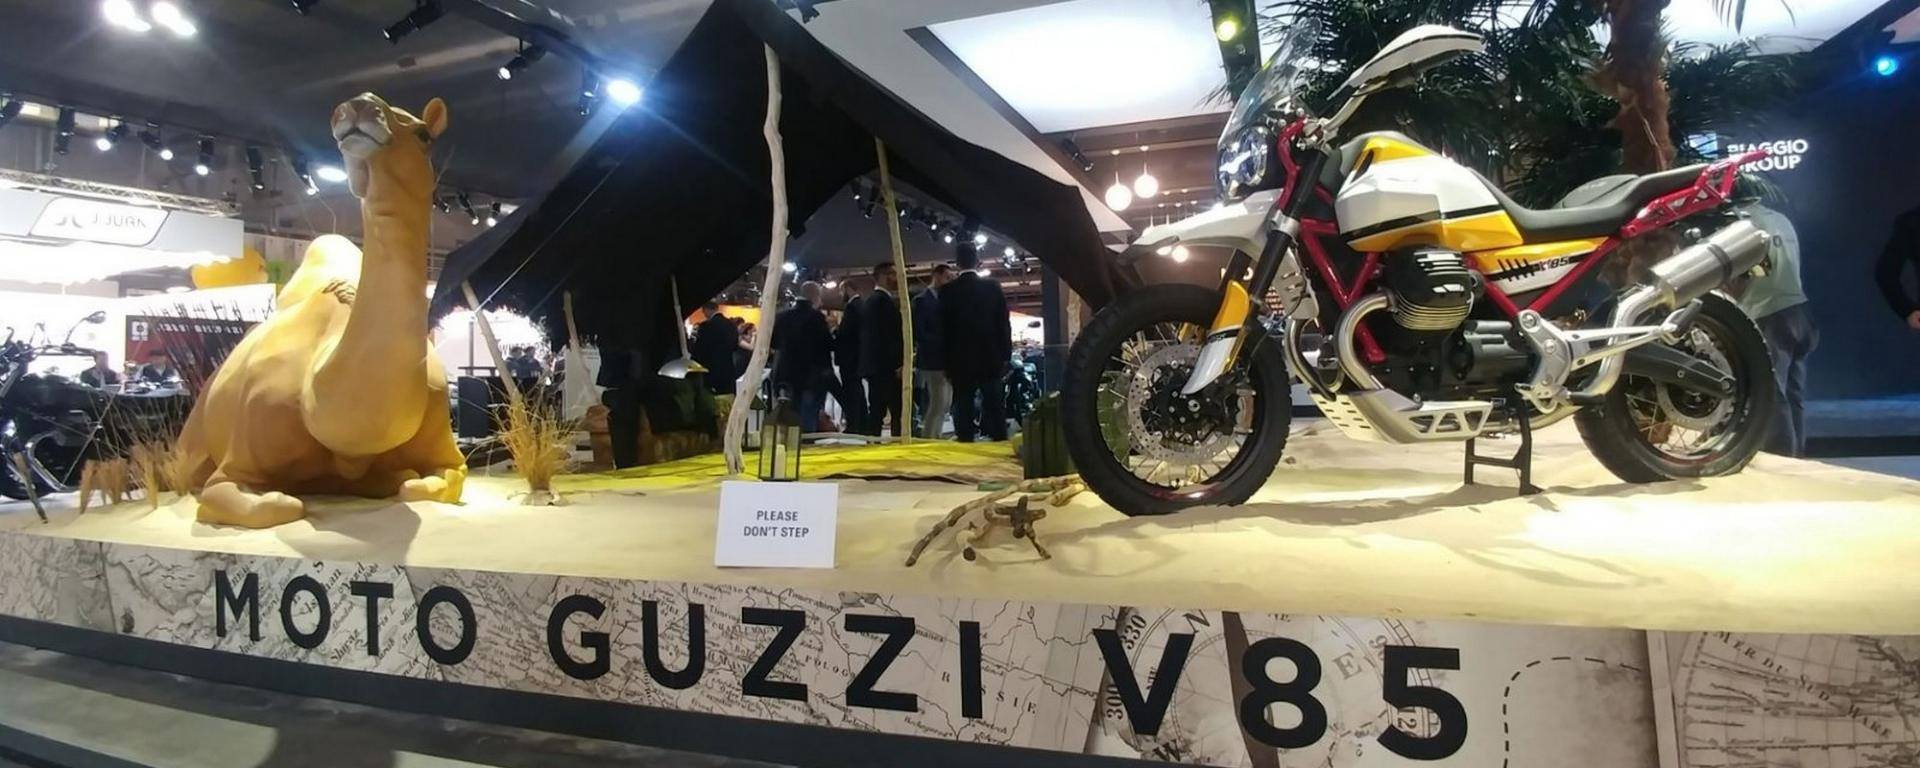 EICMA 2017, Milano, Fiera Internazionale del ciclo e motociclo. Allestimento tenda tuareg stand Moto Guzzi, ispirazione Parigi-Dakar.